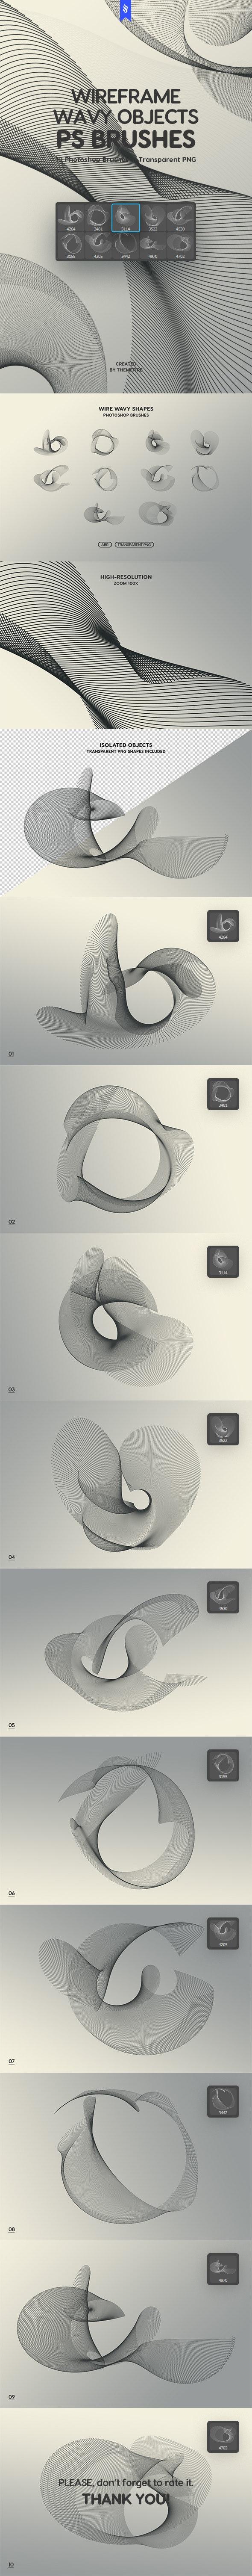 Wireframe Wavy Objects Photoshop Brushes - Techno / Futuristic Brushes